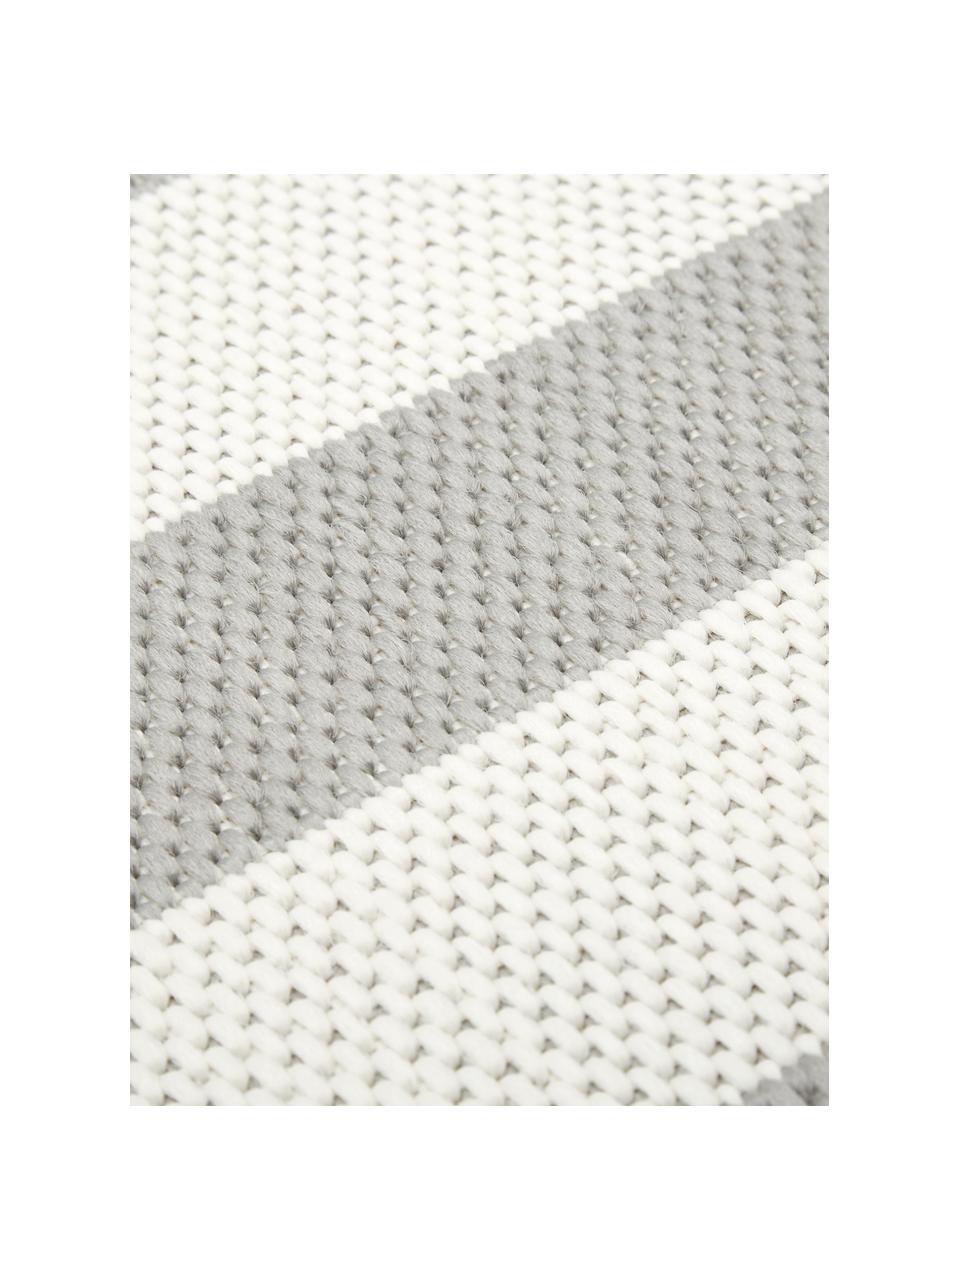 Dywan wewnętrzny/zewnętrzny Axa, 86% polipropylen, 14% poliester, Kremowobiały, szary, S 200 x D 290 cm (Rozmiar L)